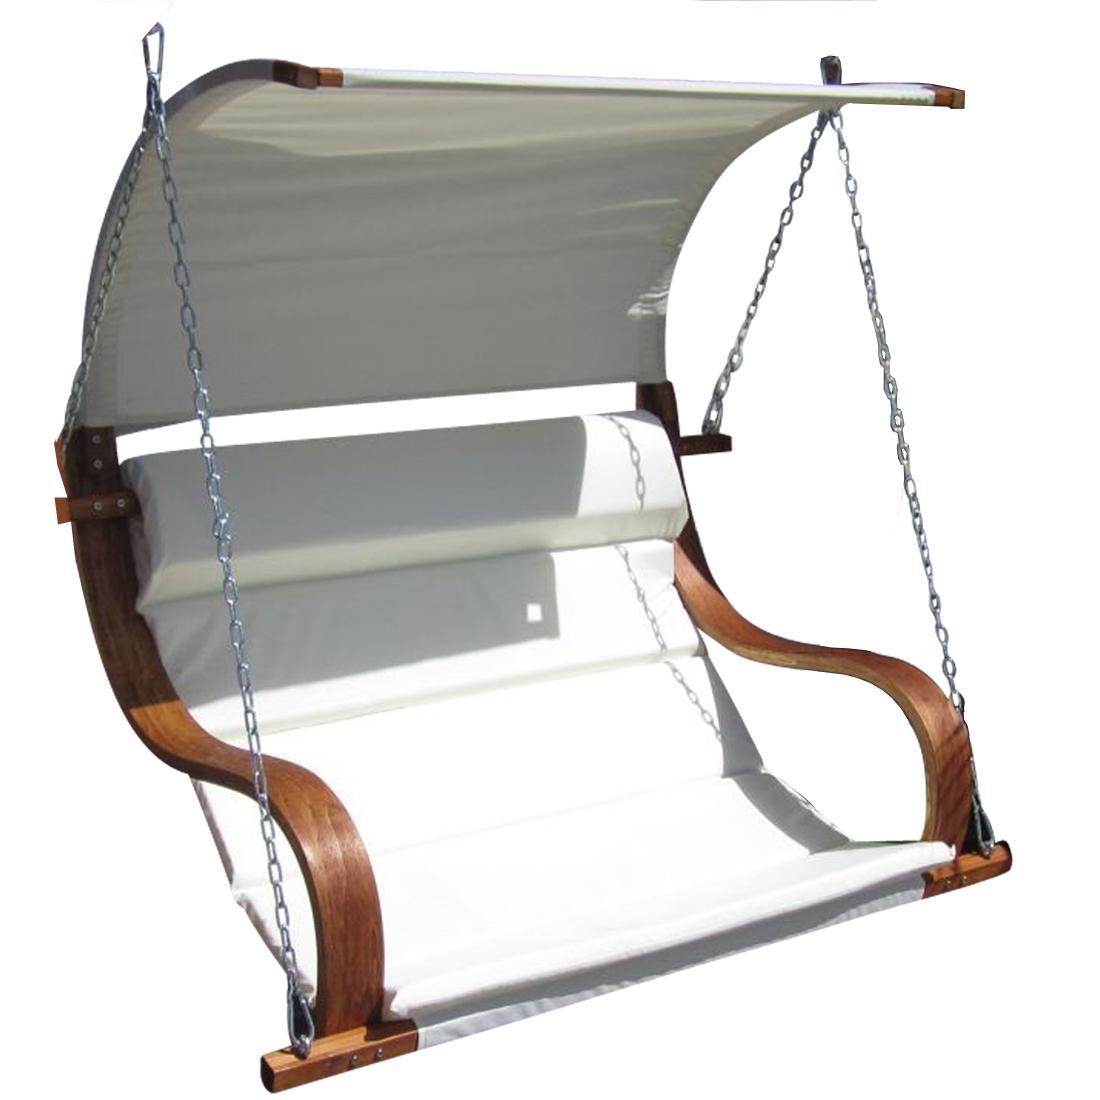 Design Sitzbank für Hollywoodschaukel SEAT-MERU aus Holz Lärche inkl ...